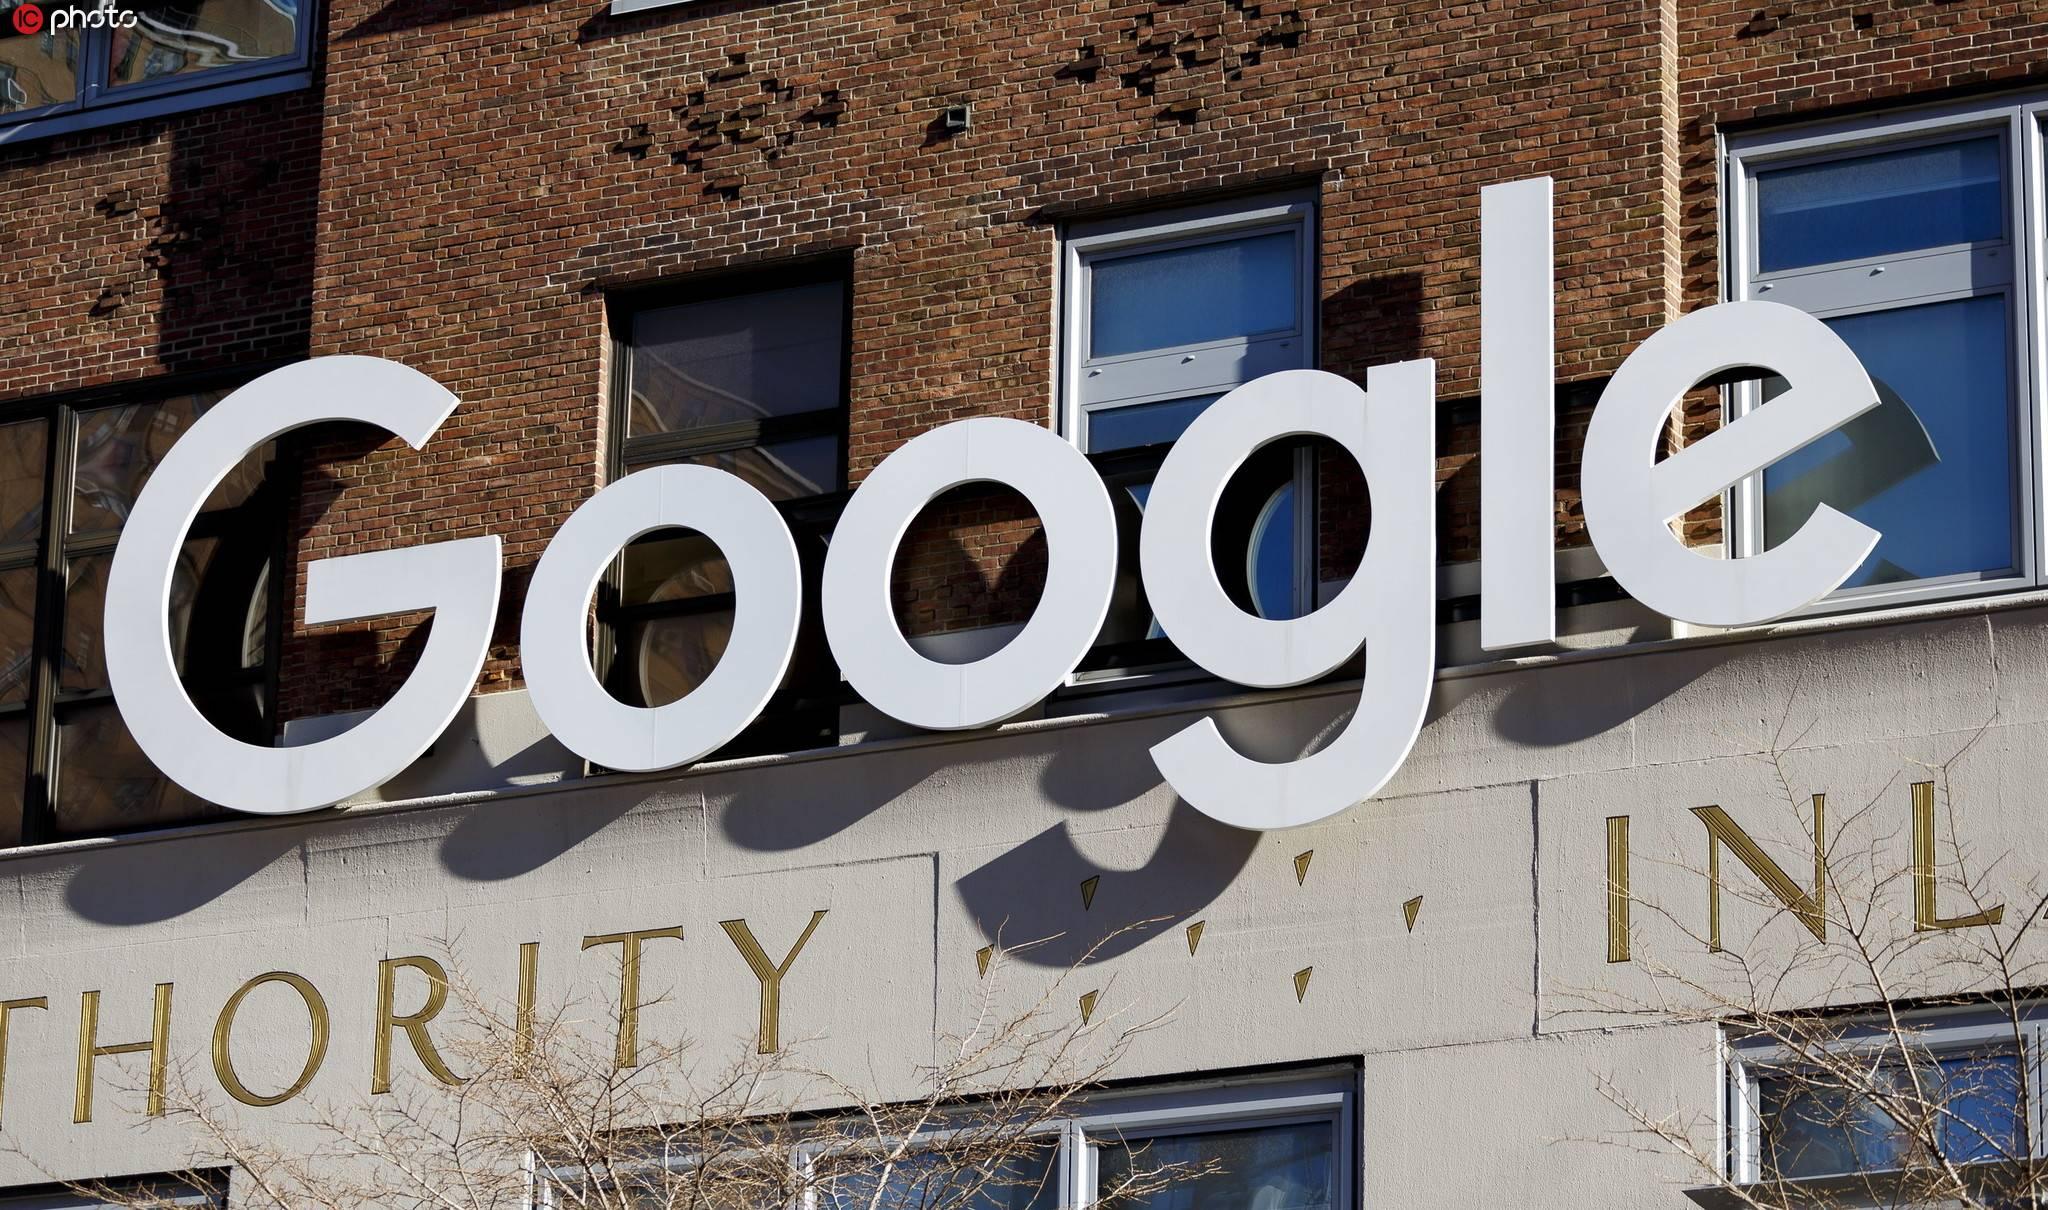 谷歌,互联网,谷歌,亚马逊,智能家居,视频